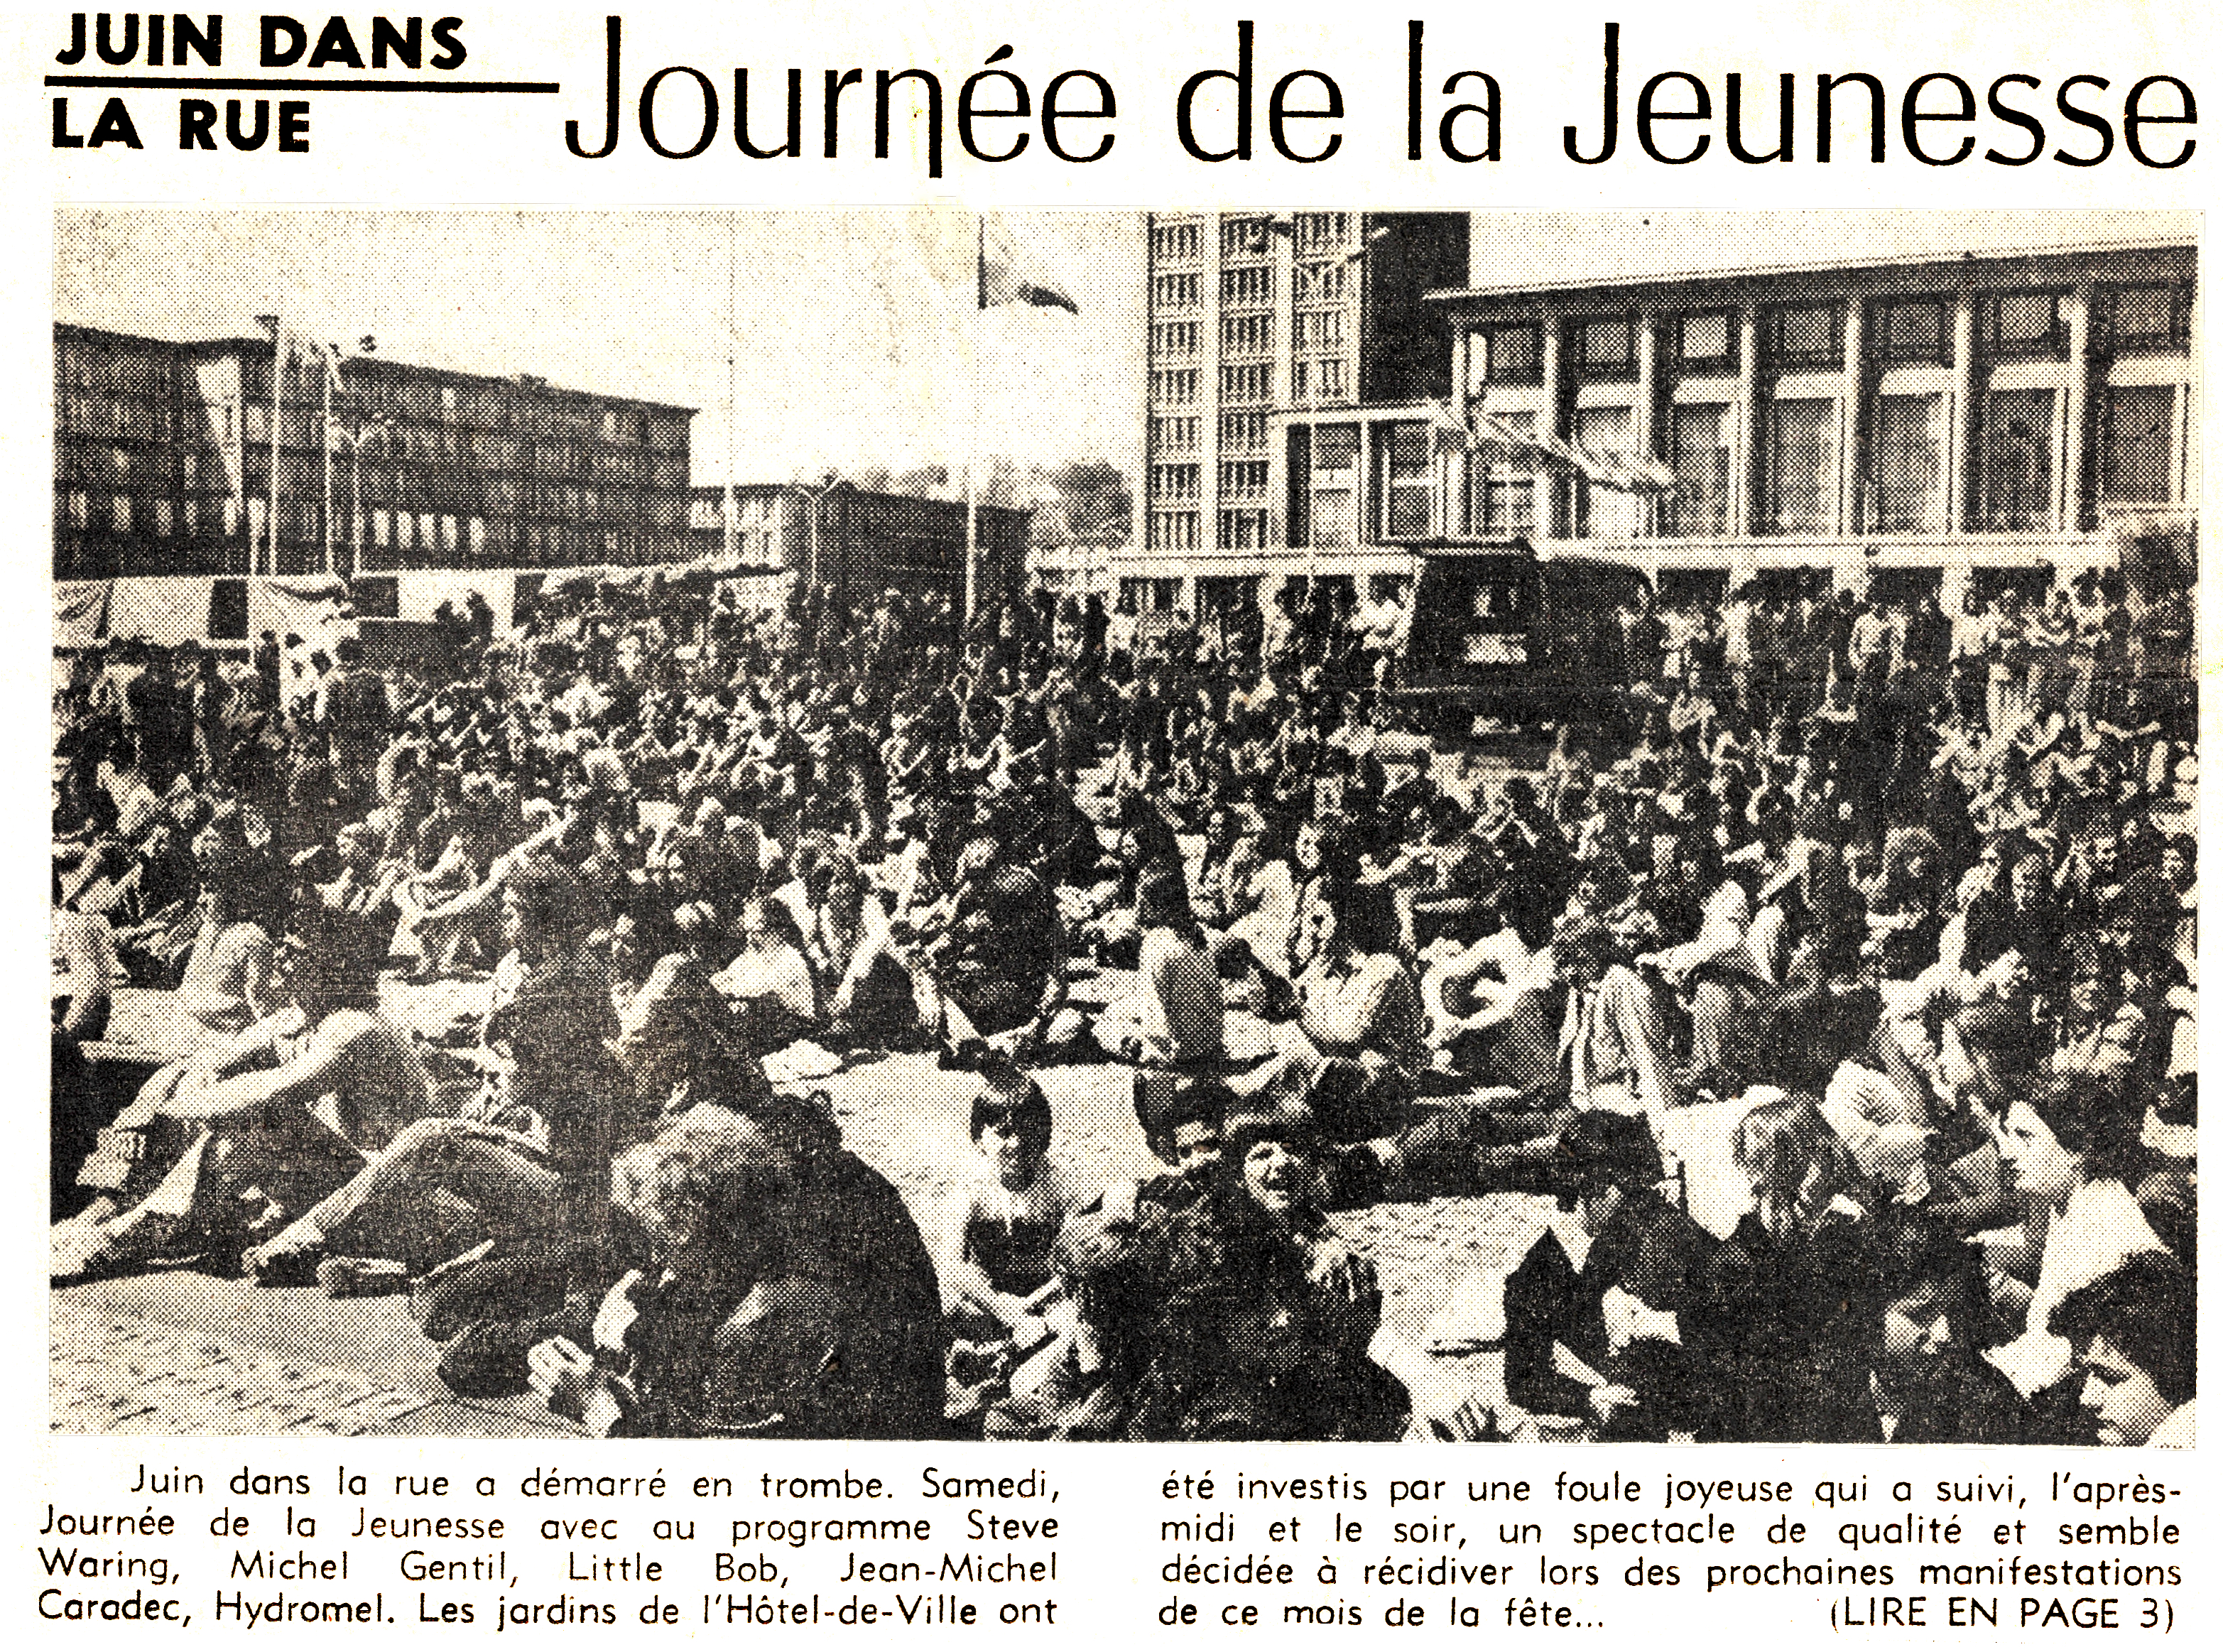 Juin dans la rue - Journée de la Jeunesse